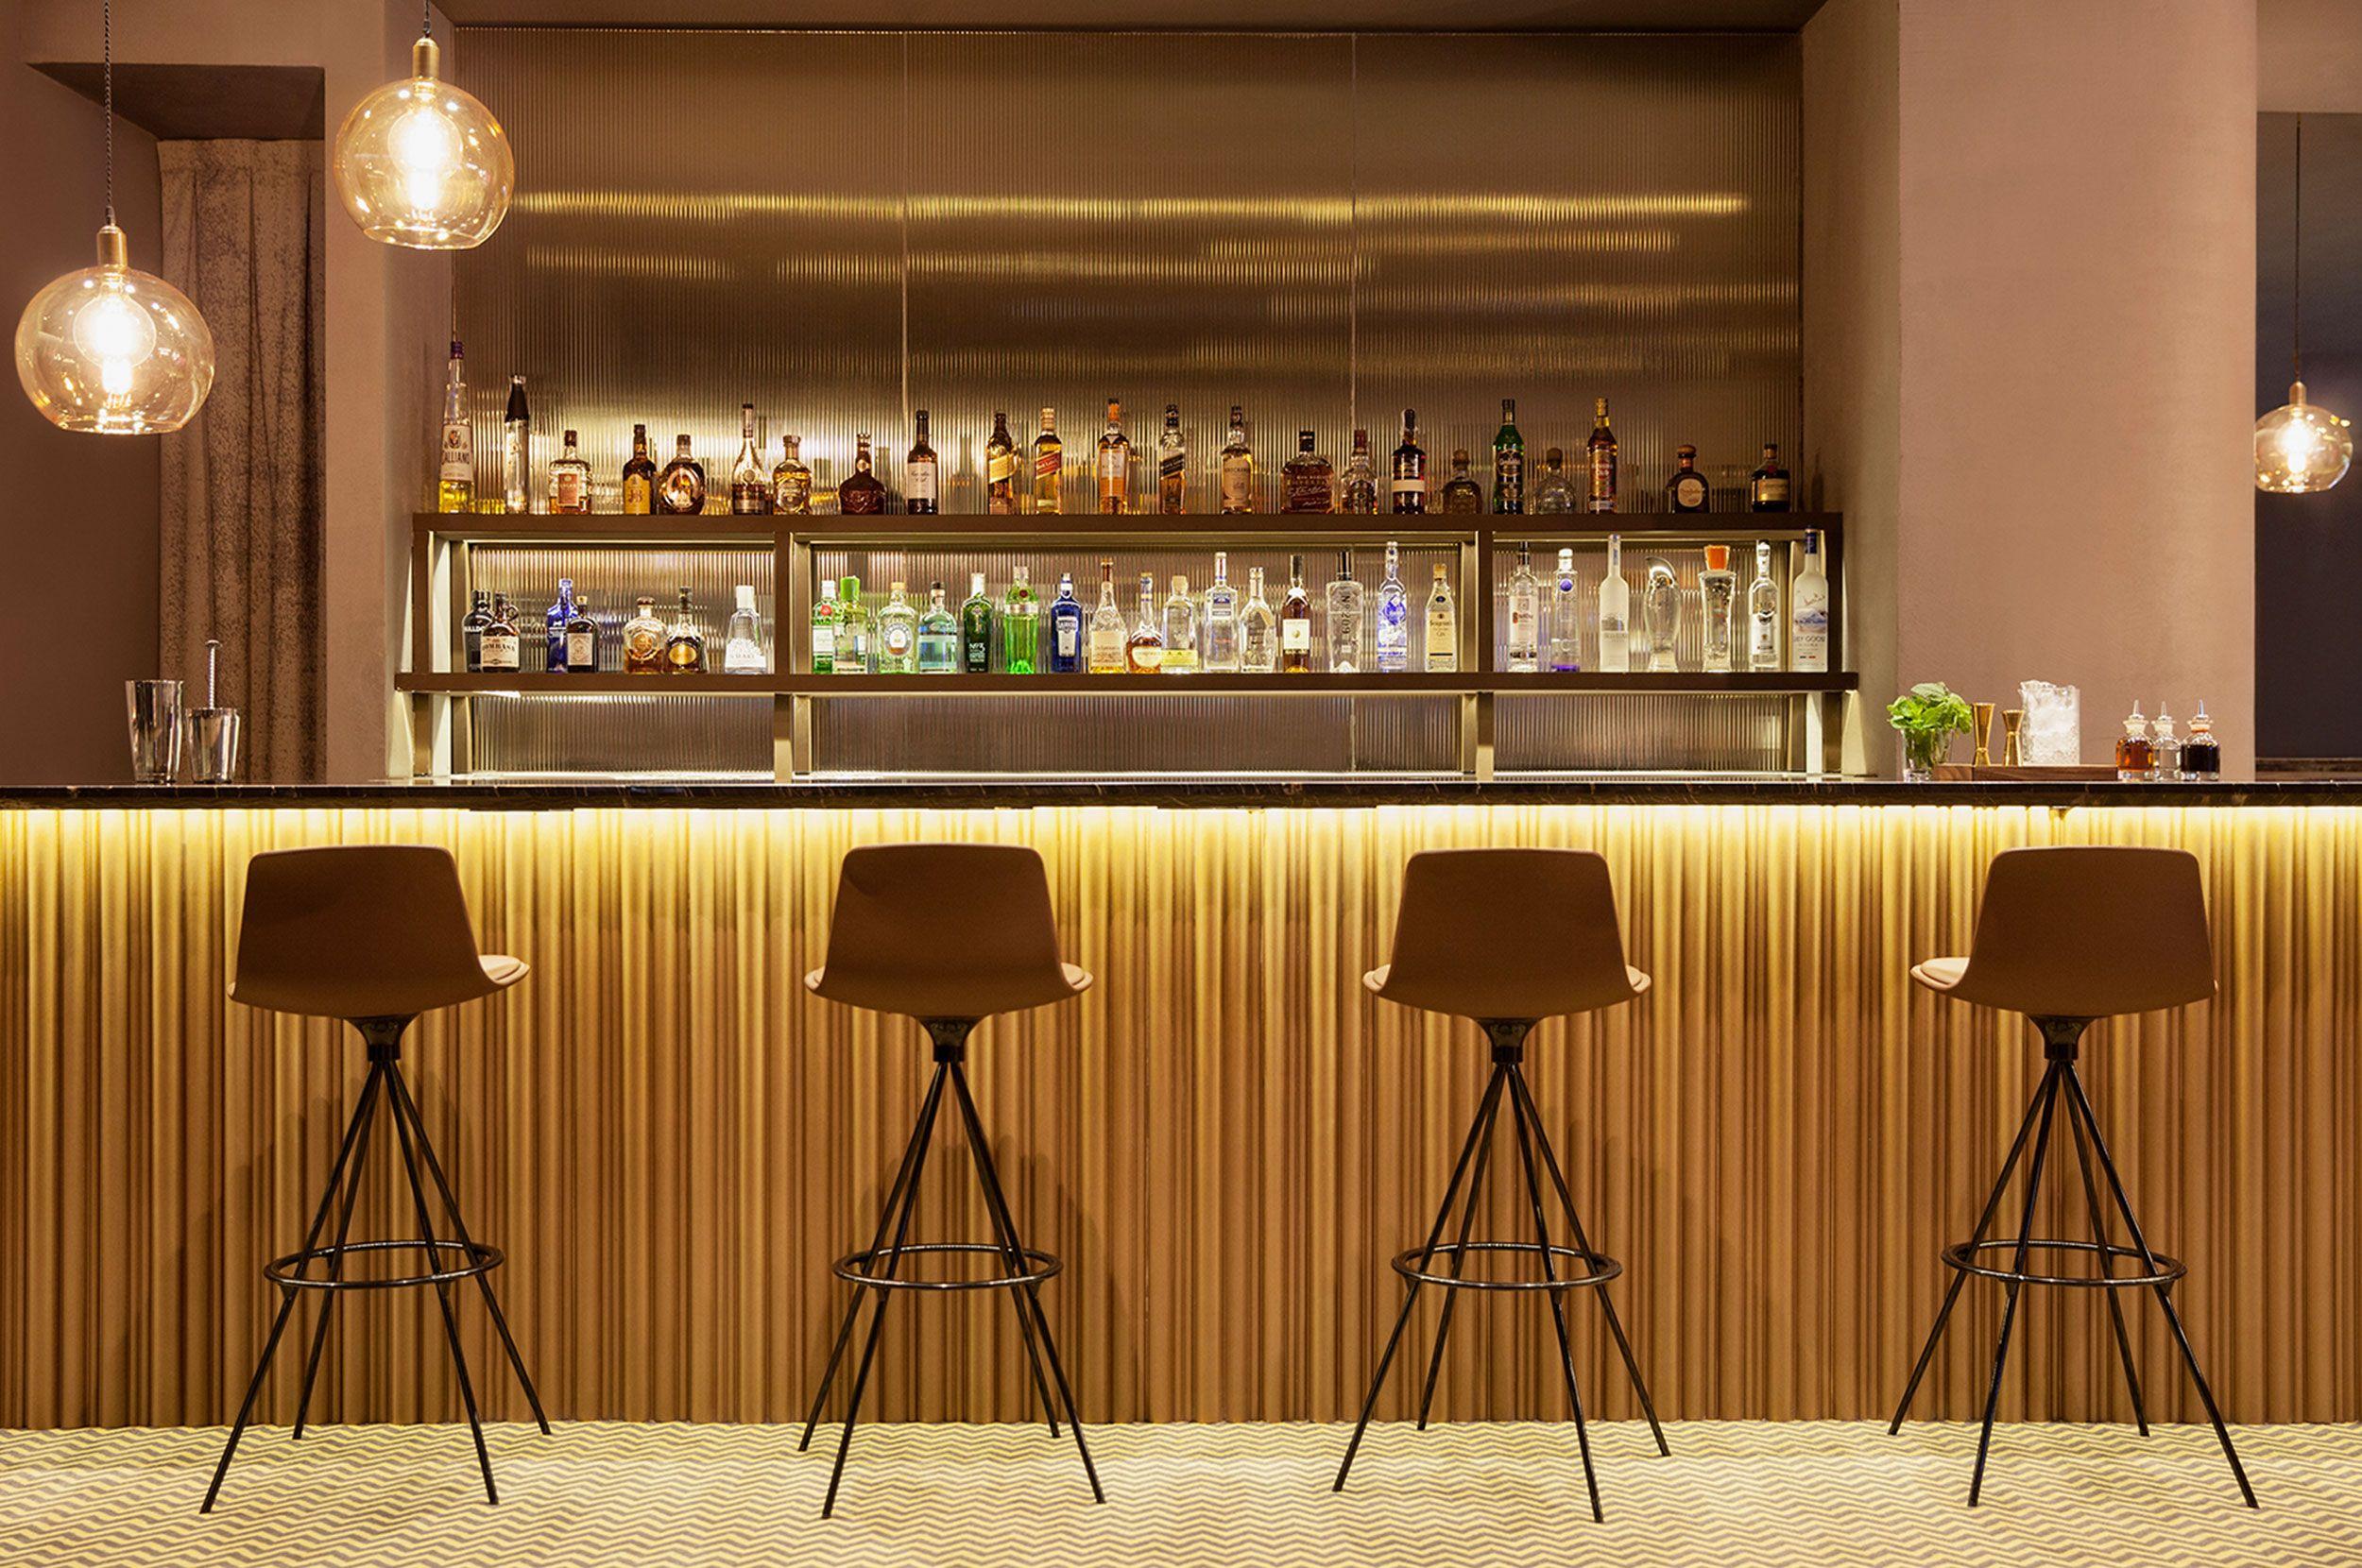 9c65f2baa6393540852e3d71c196c9c8 Frais De Bar Separation Cuisine Schème